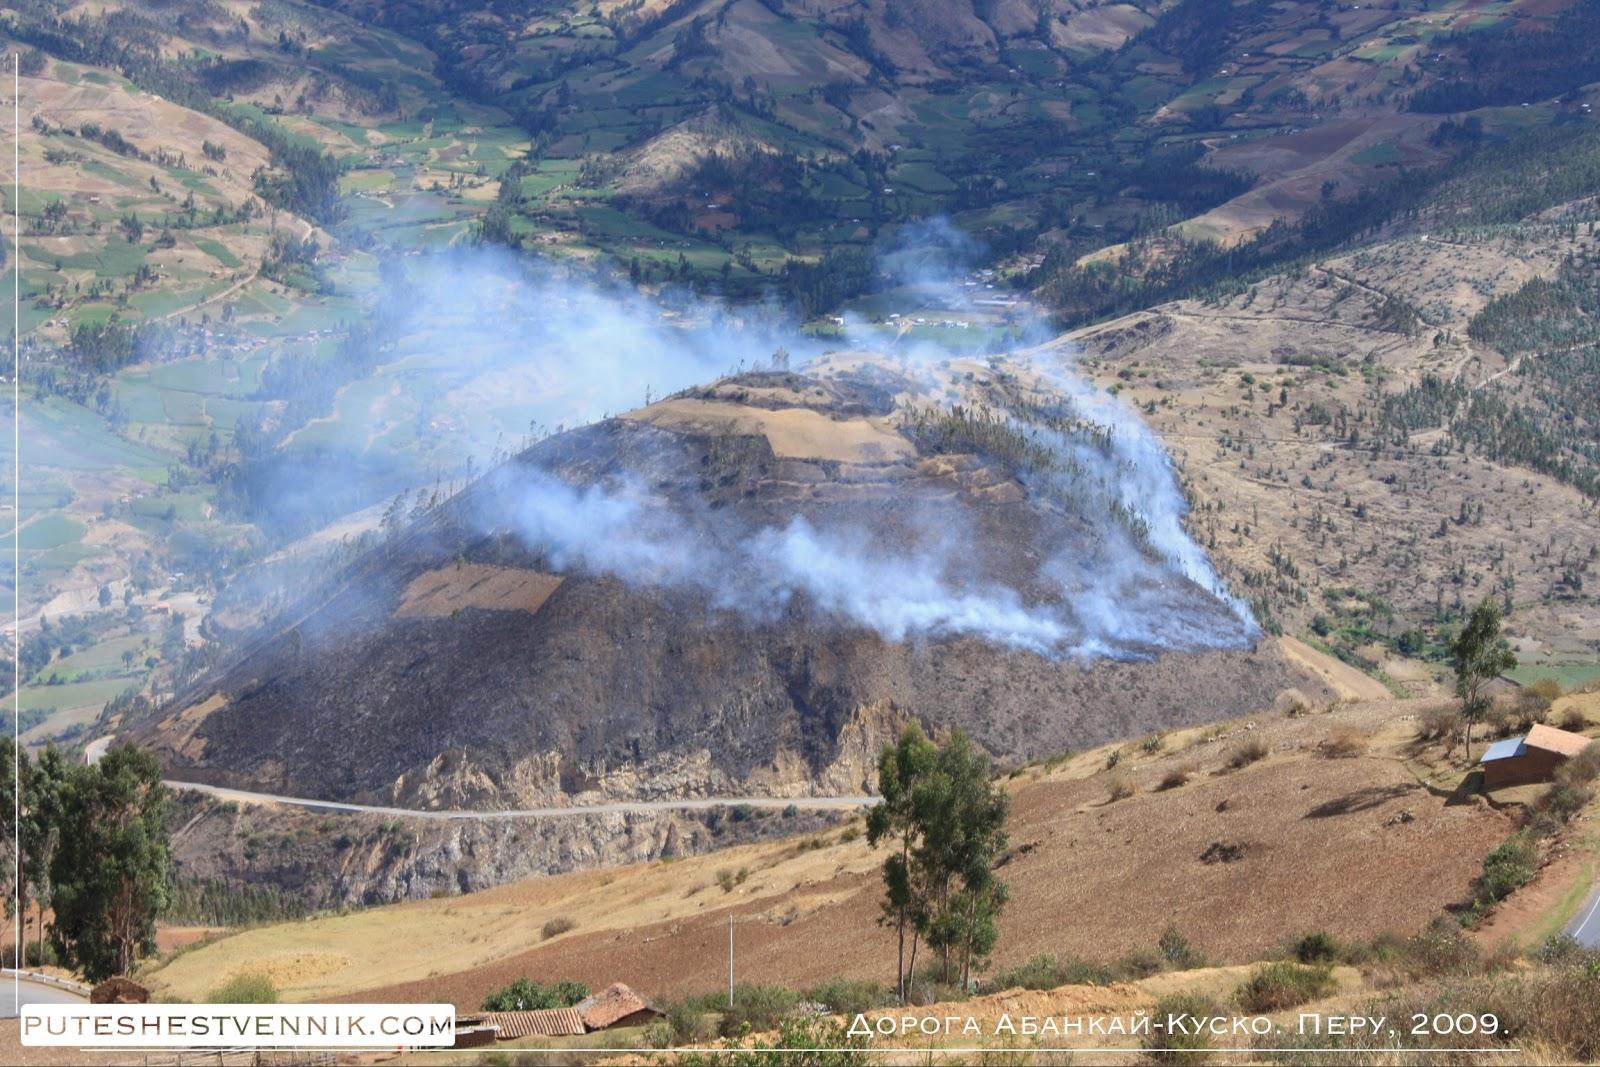 Пожар на горе в Перу